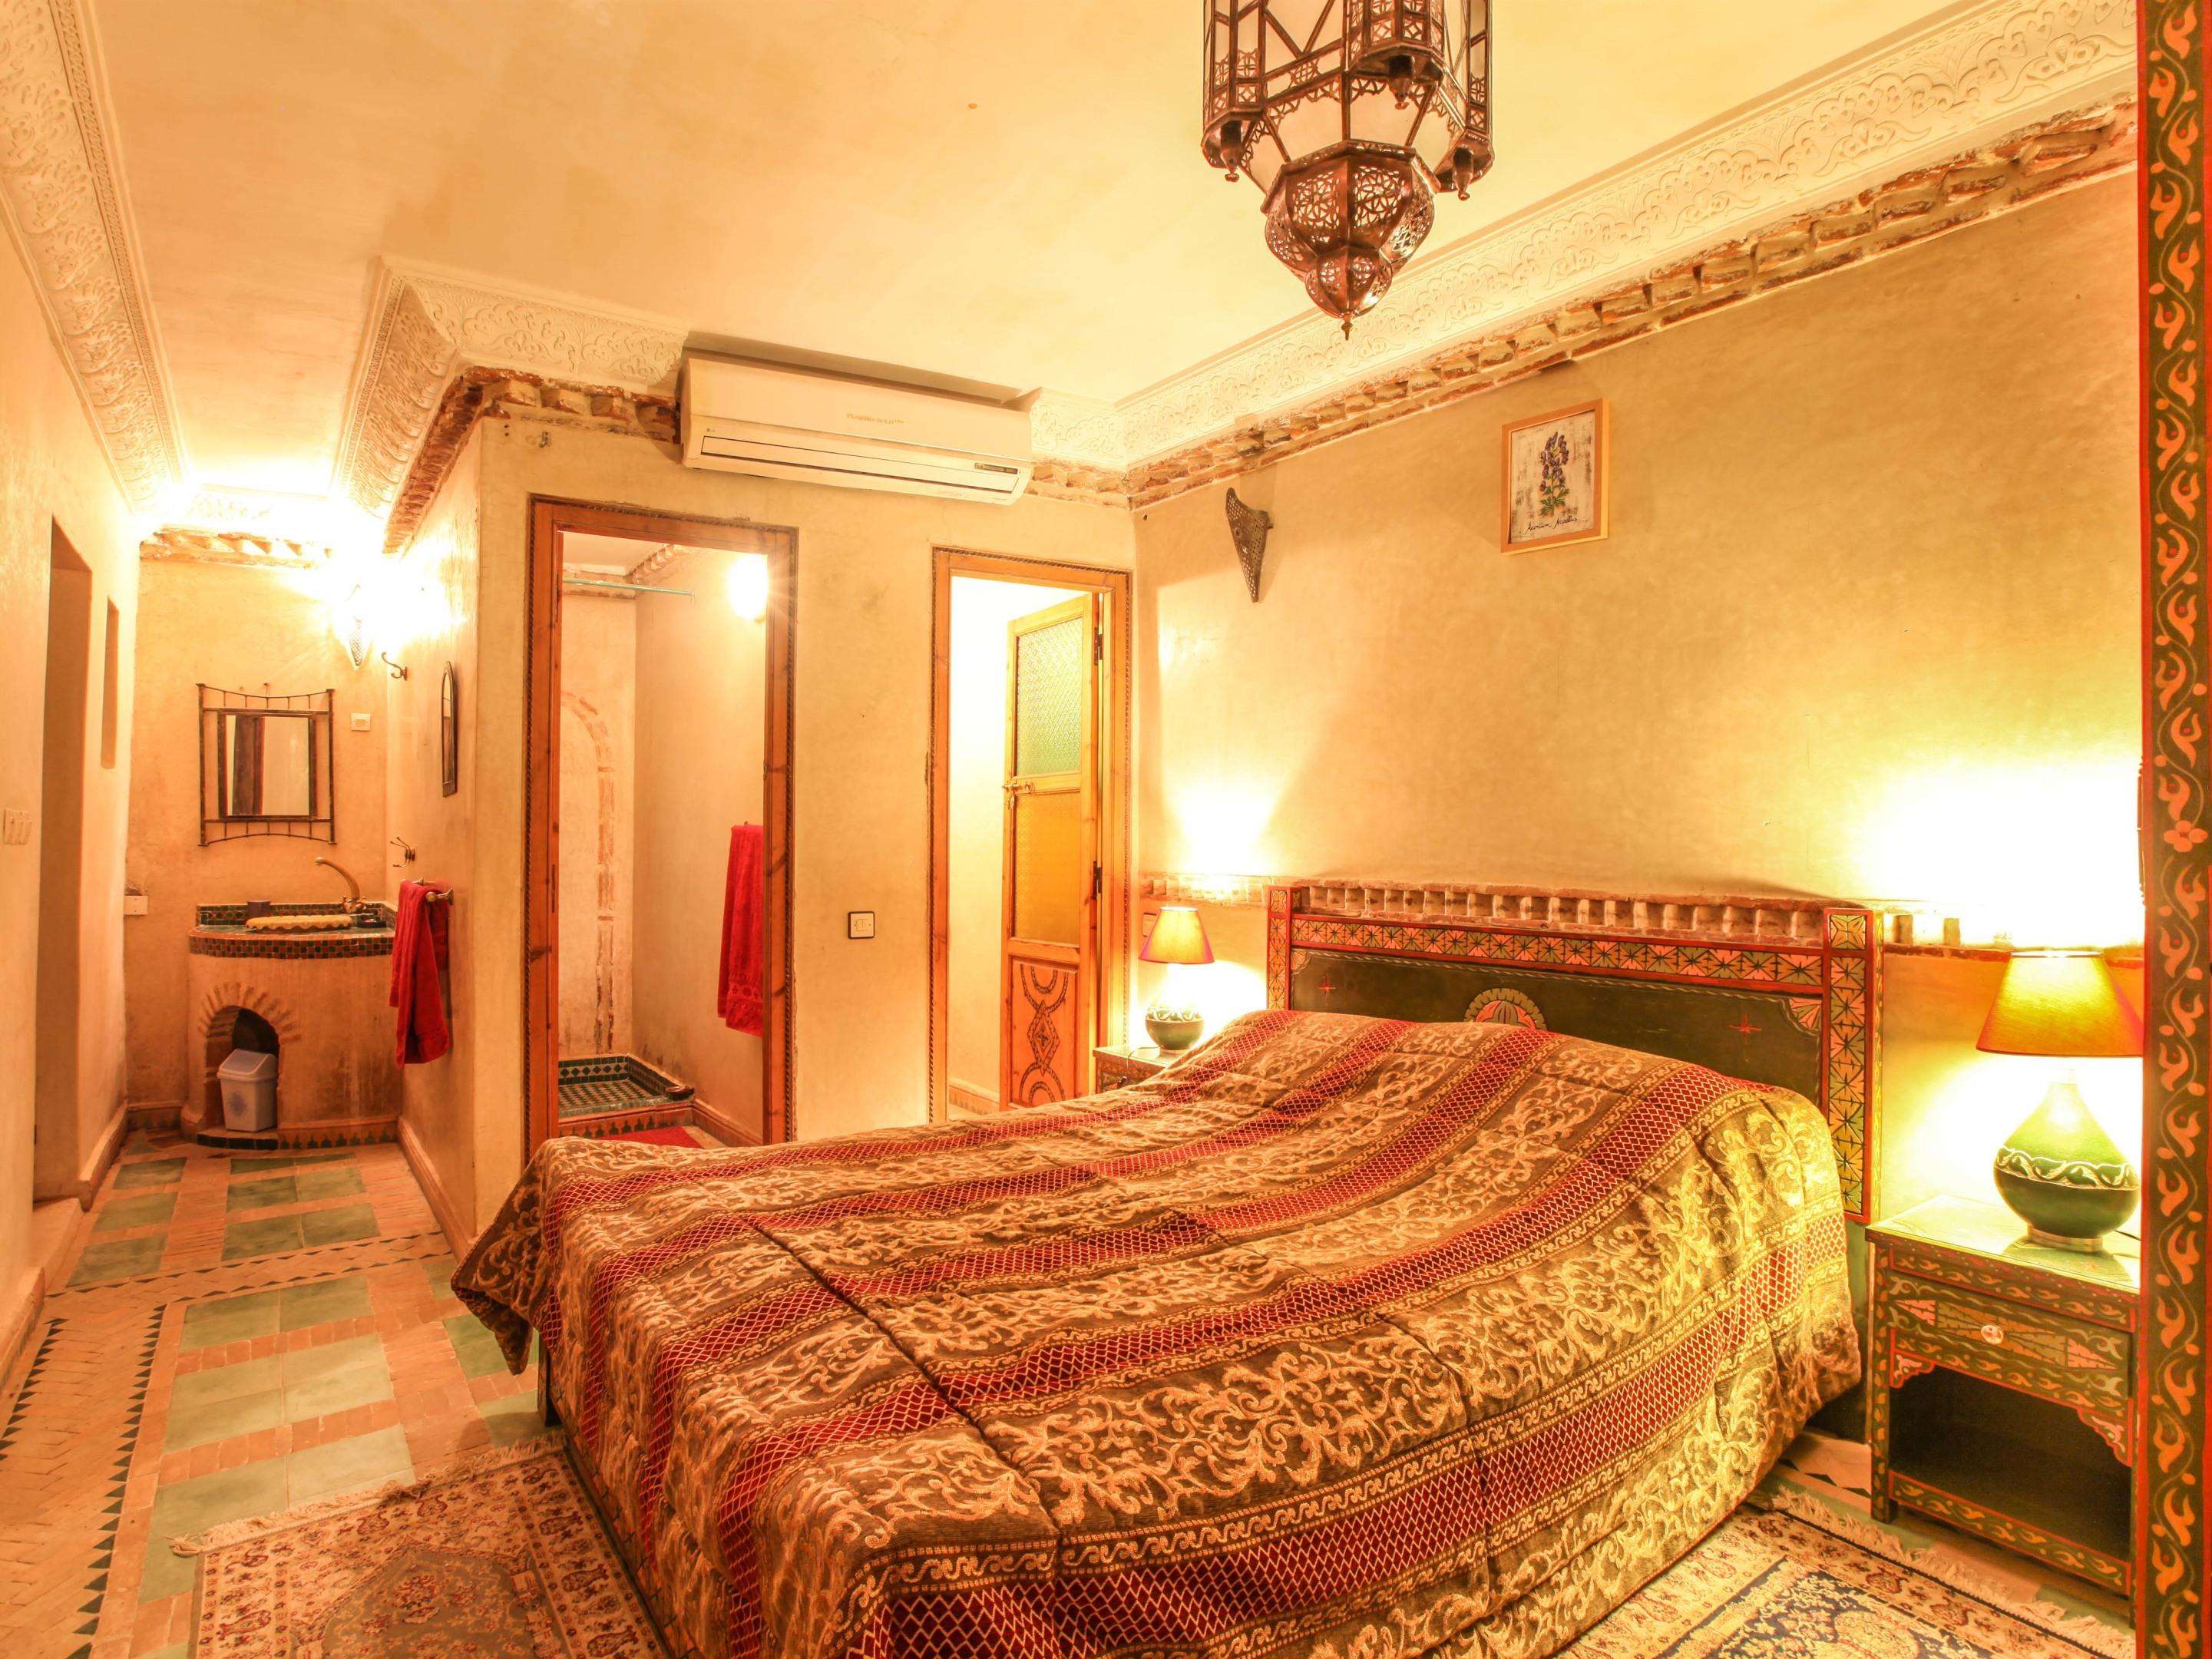 Suite  Verte -Appartement-Confort-Salle de bain-Vue sur Piscine - Tarif de base